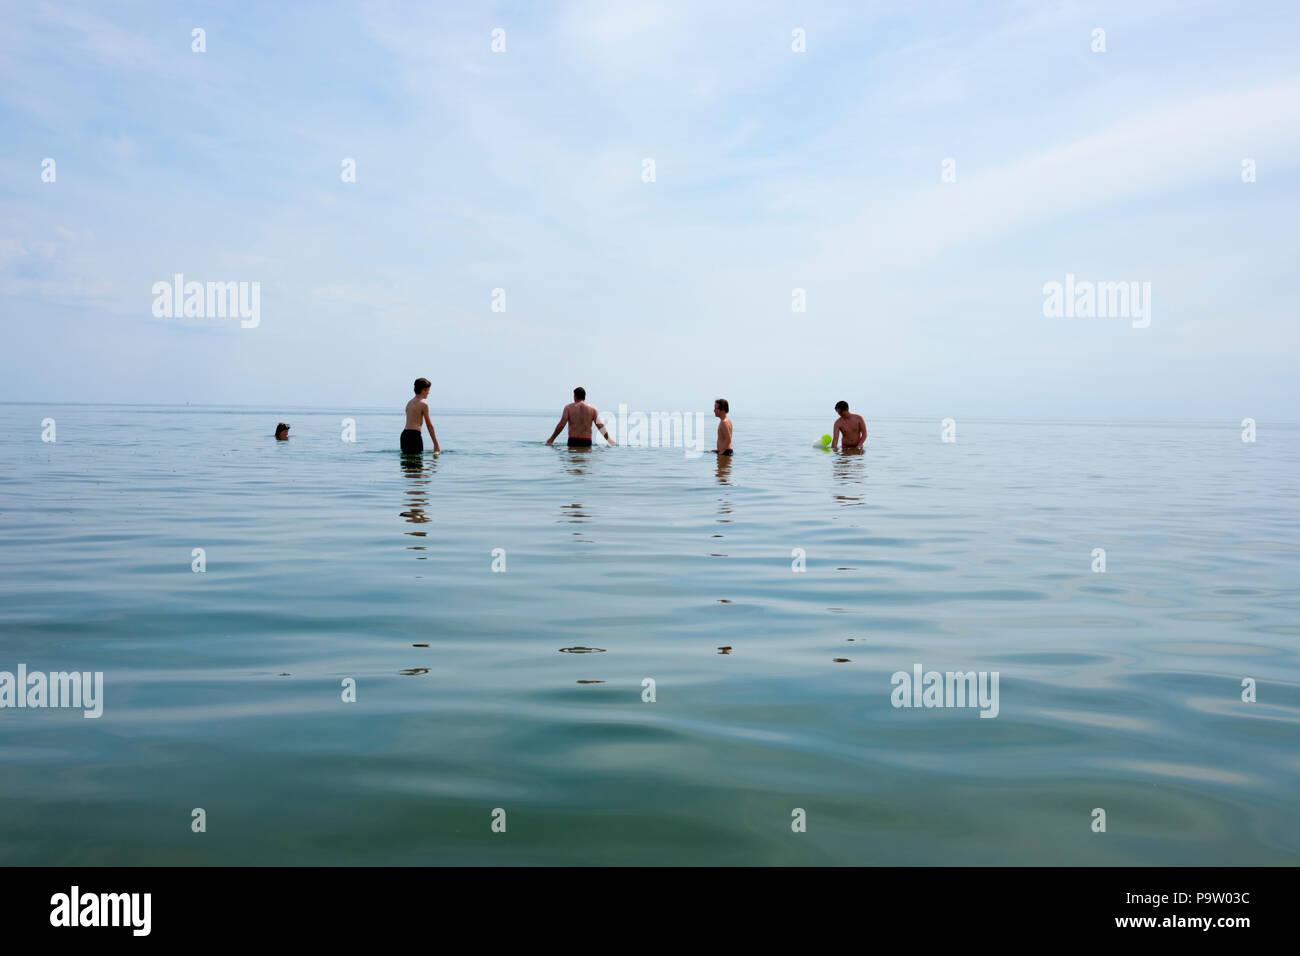 Querformat von vier Jungen und eines männlichen das Stehen bis zu ihren Hüften in einer ruhigen Mittelmeer, während ein Spiel das Spiel mit dem gelben Ball lachen Stockbild